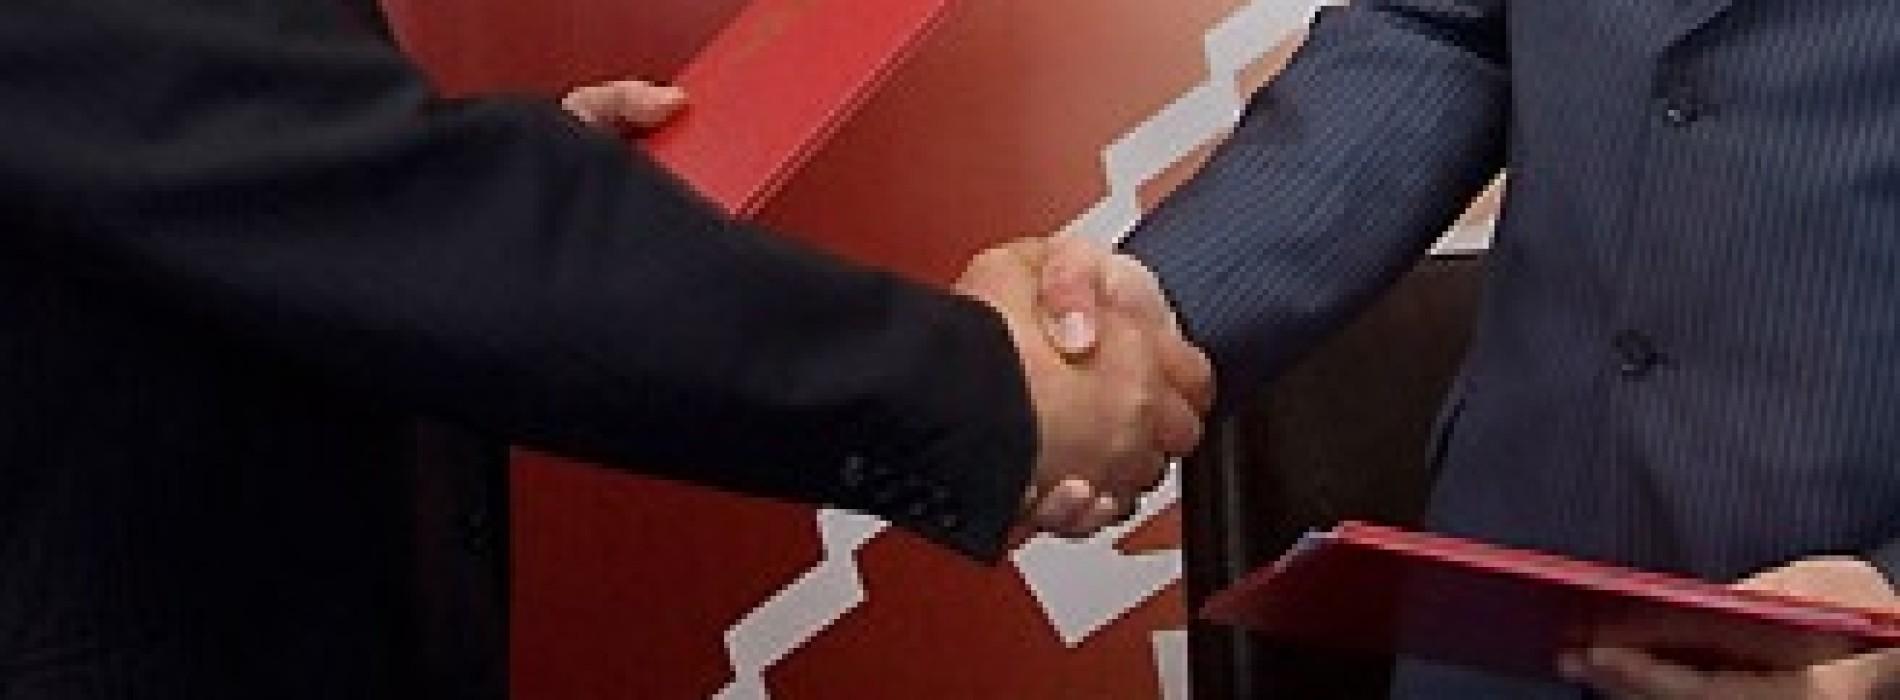 Jakie są ograniczenia w zawarciu umów pomiędzy spółką a jej udziałowcami?